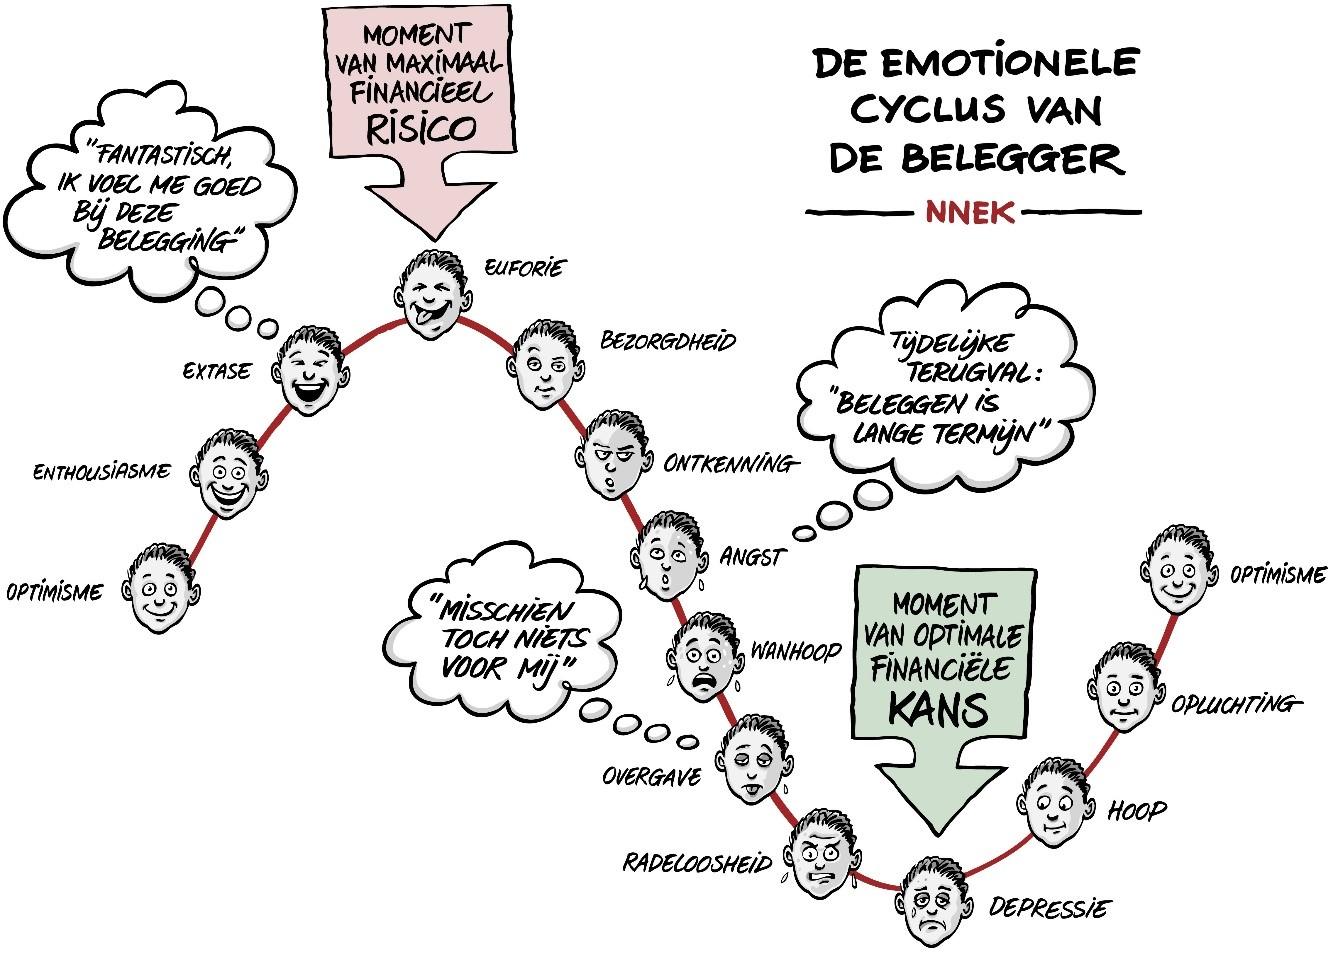 emotionele cyclus belegger.jpg